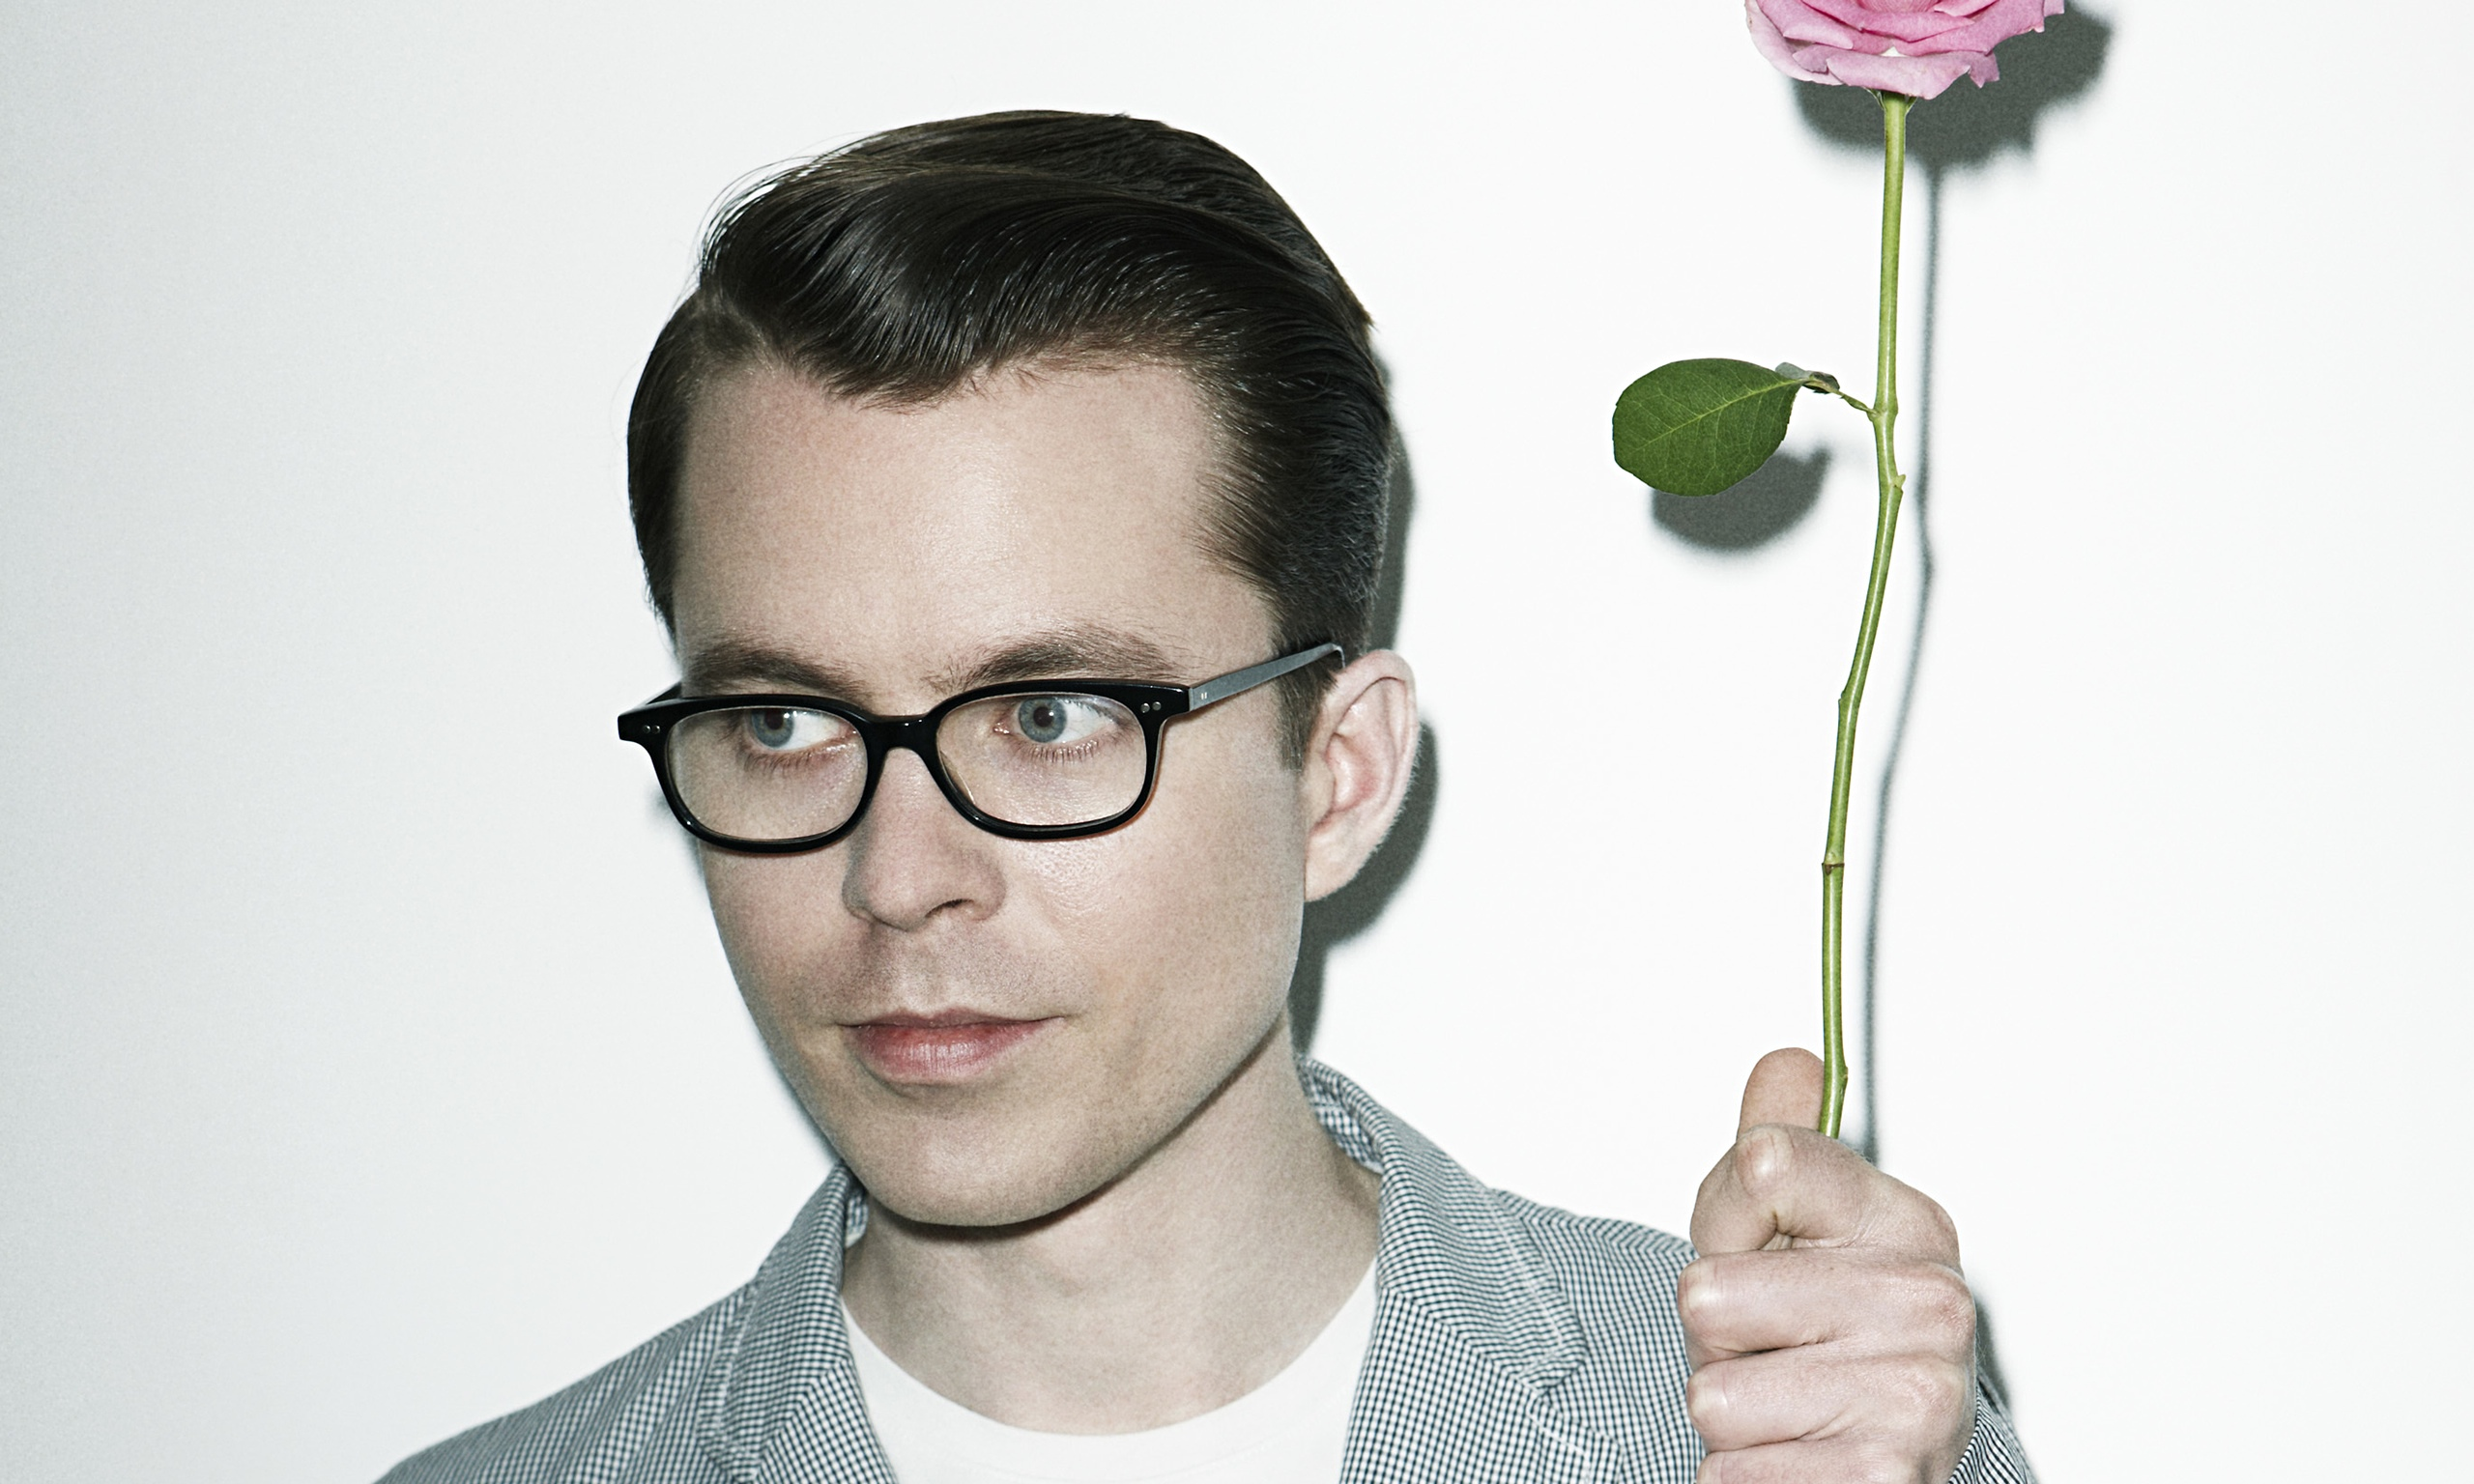 Musician Tom Vek